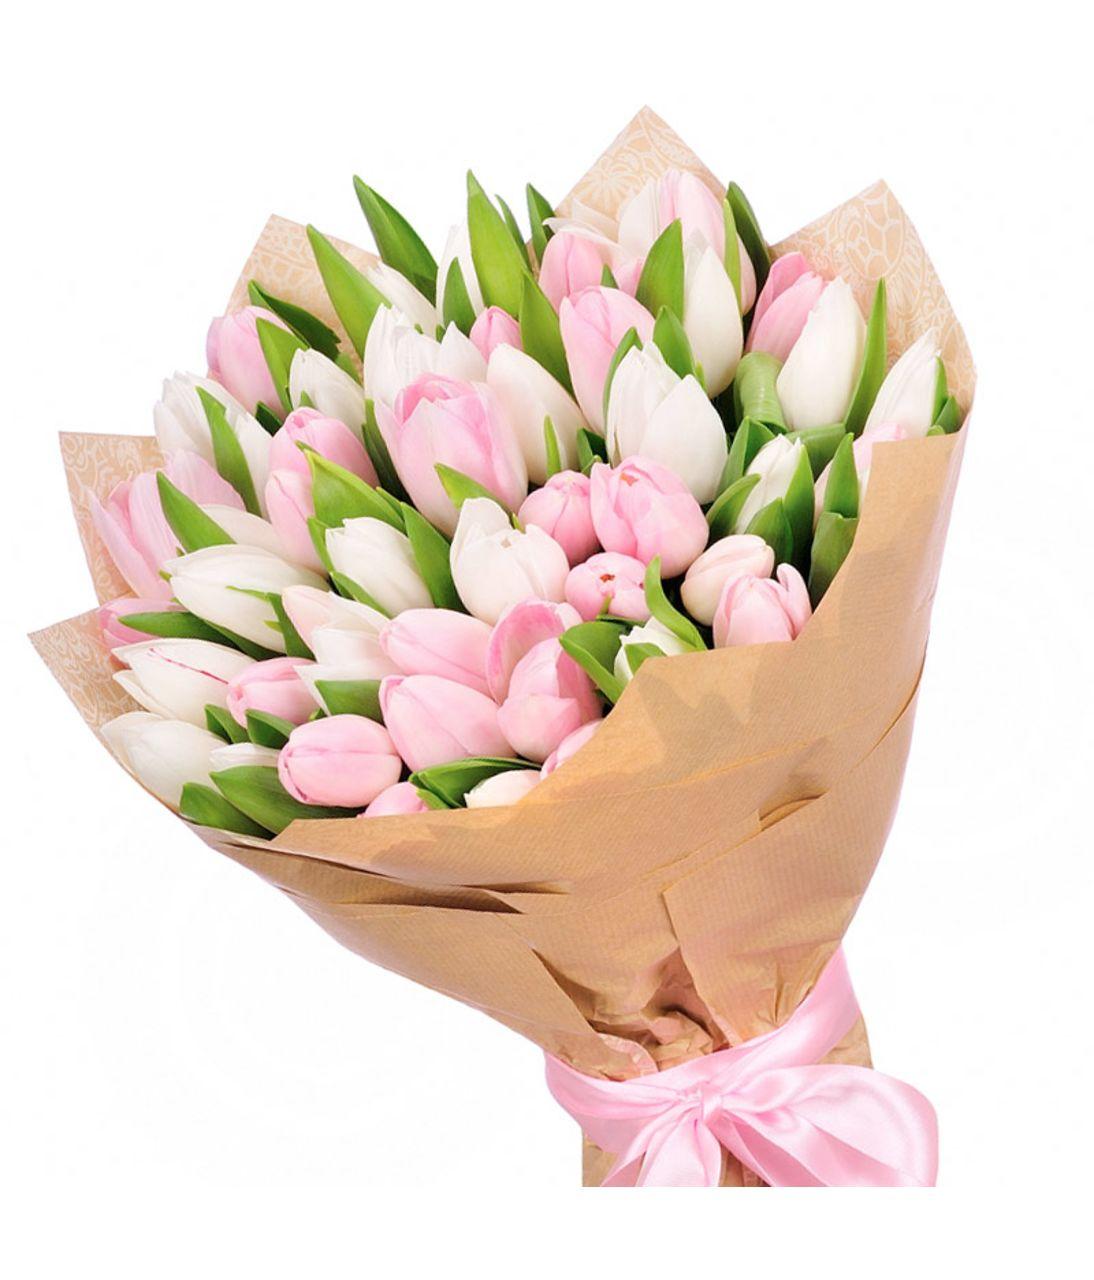 Букет из 35 бело-розовых тюльпанов. superflowers.com.ua. Купить большой букет из 35 тюльпанов микс в Киеве